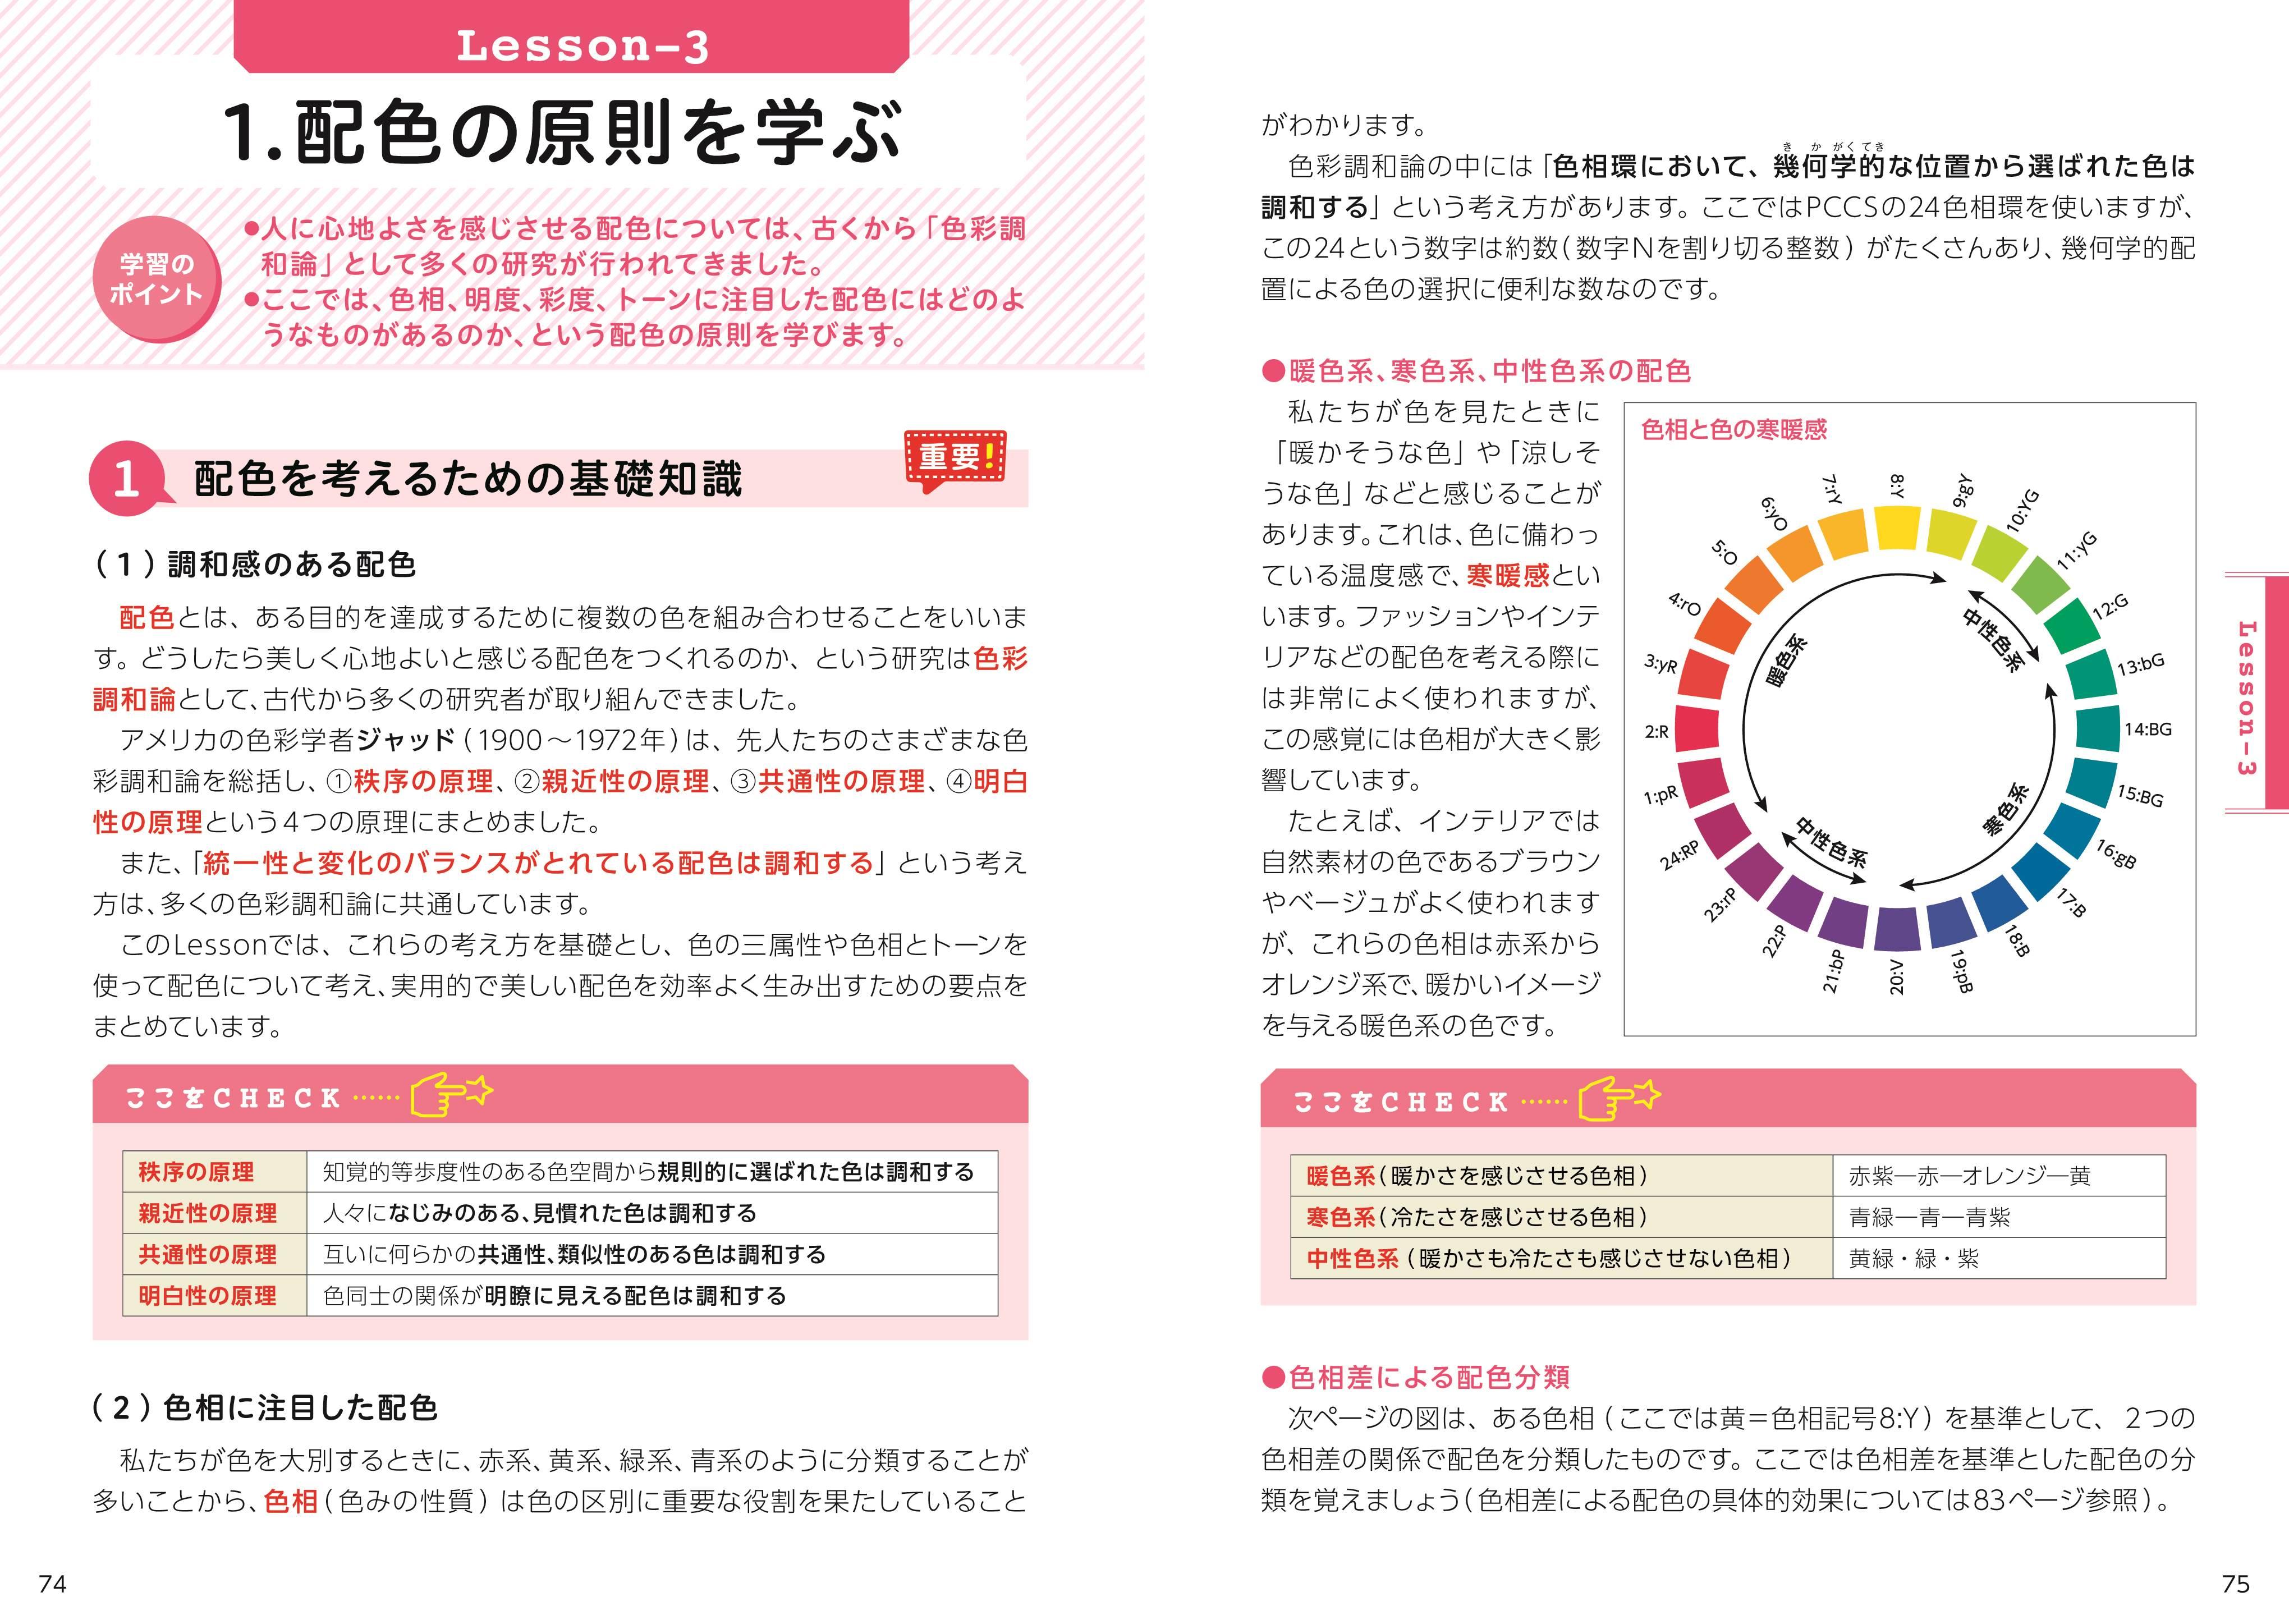 資格 カラー コーディネーター 色彩検定とカラーコーディネーター はどちらがおすすめ?目指せる職業や難易度を比較